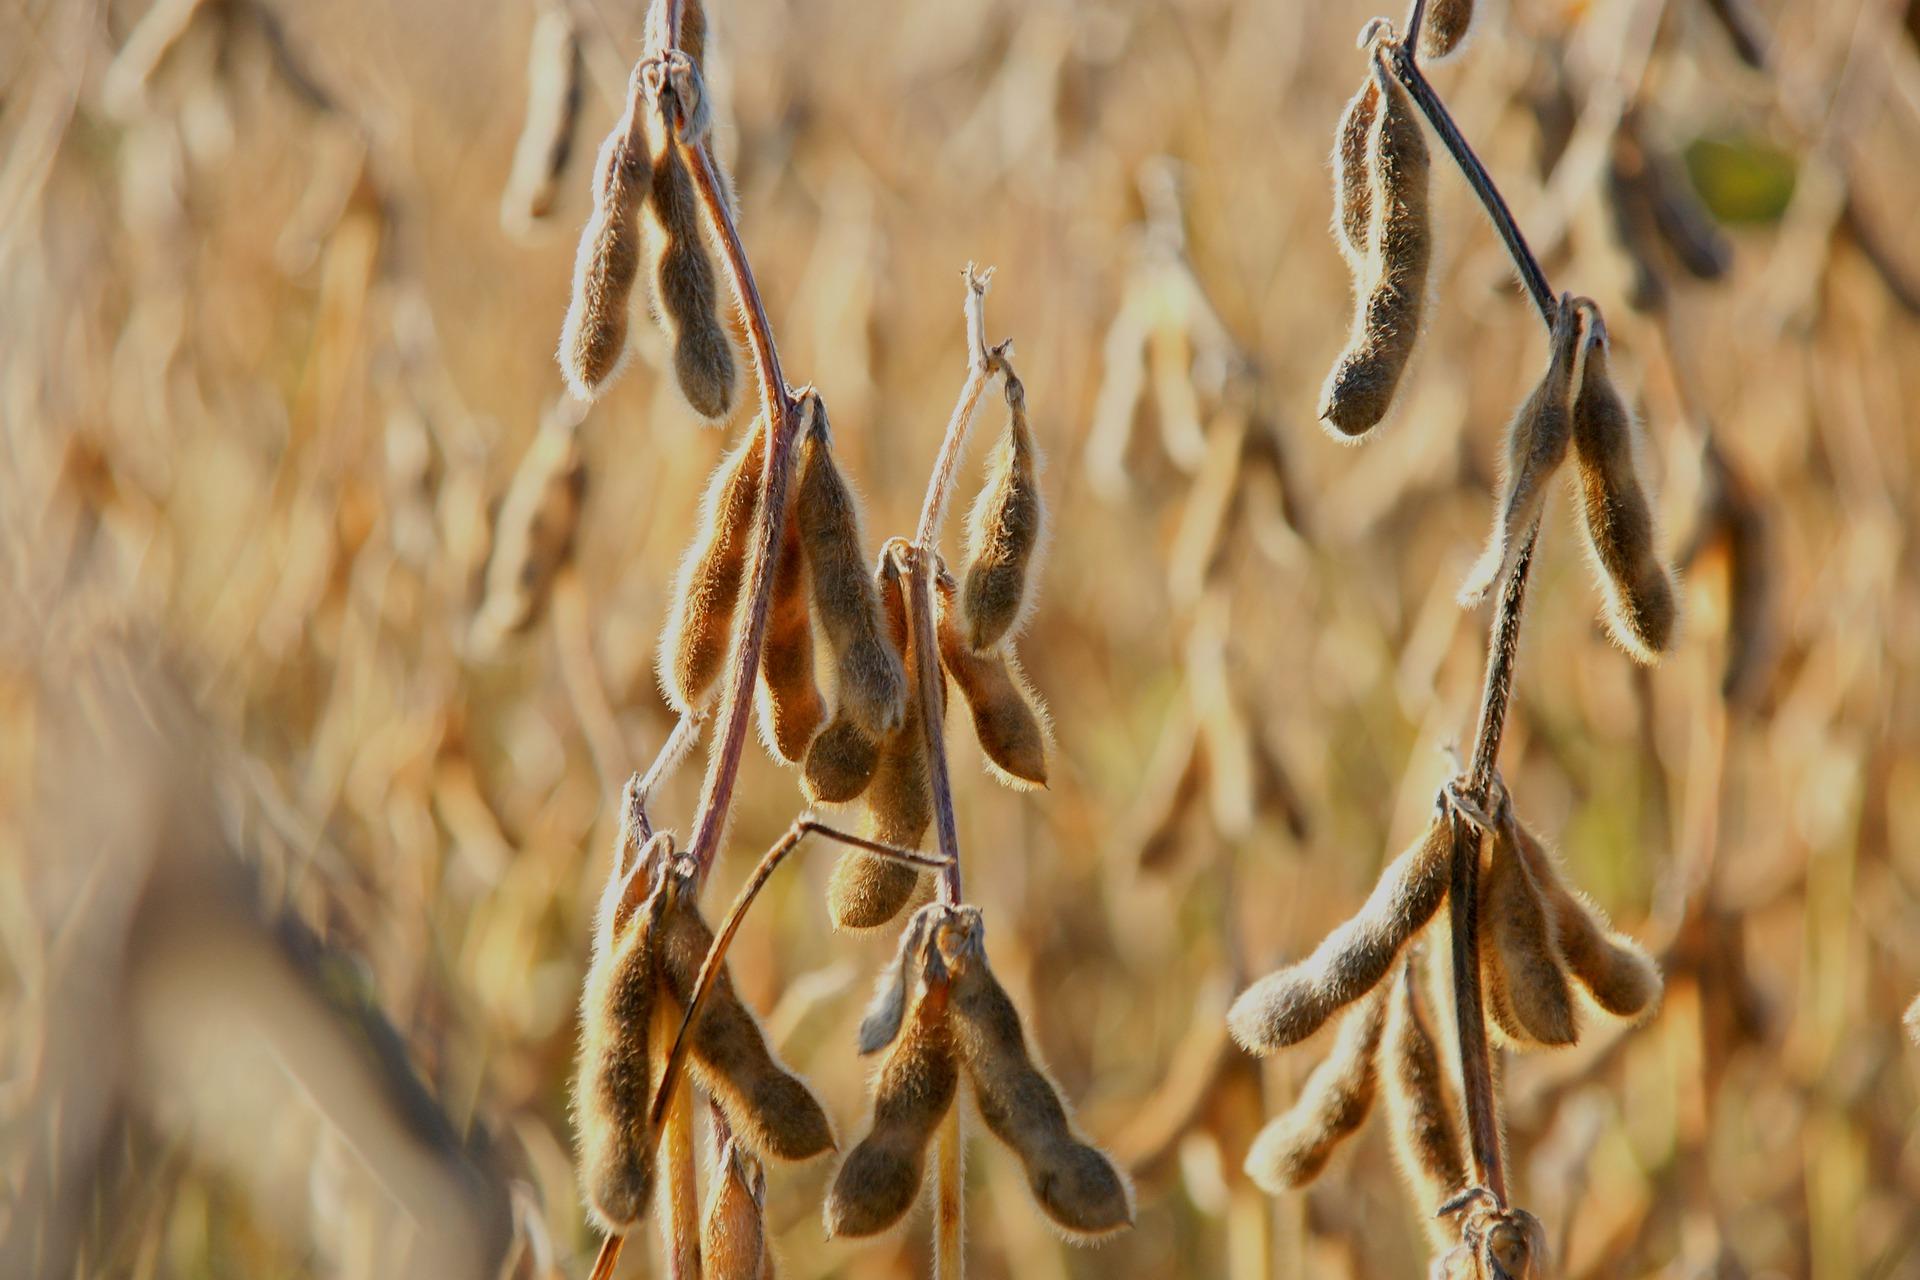 Ціни на сою продовжують зростати через зменшення врожаю